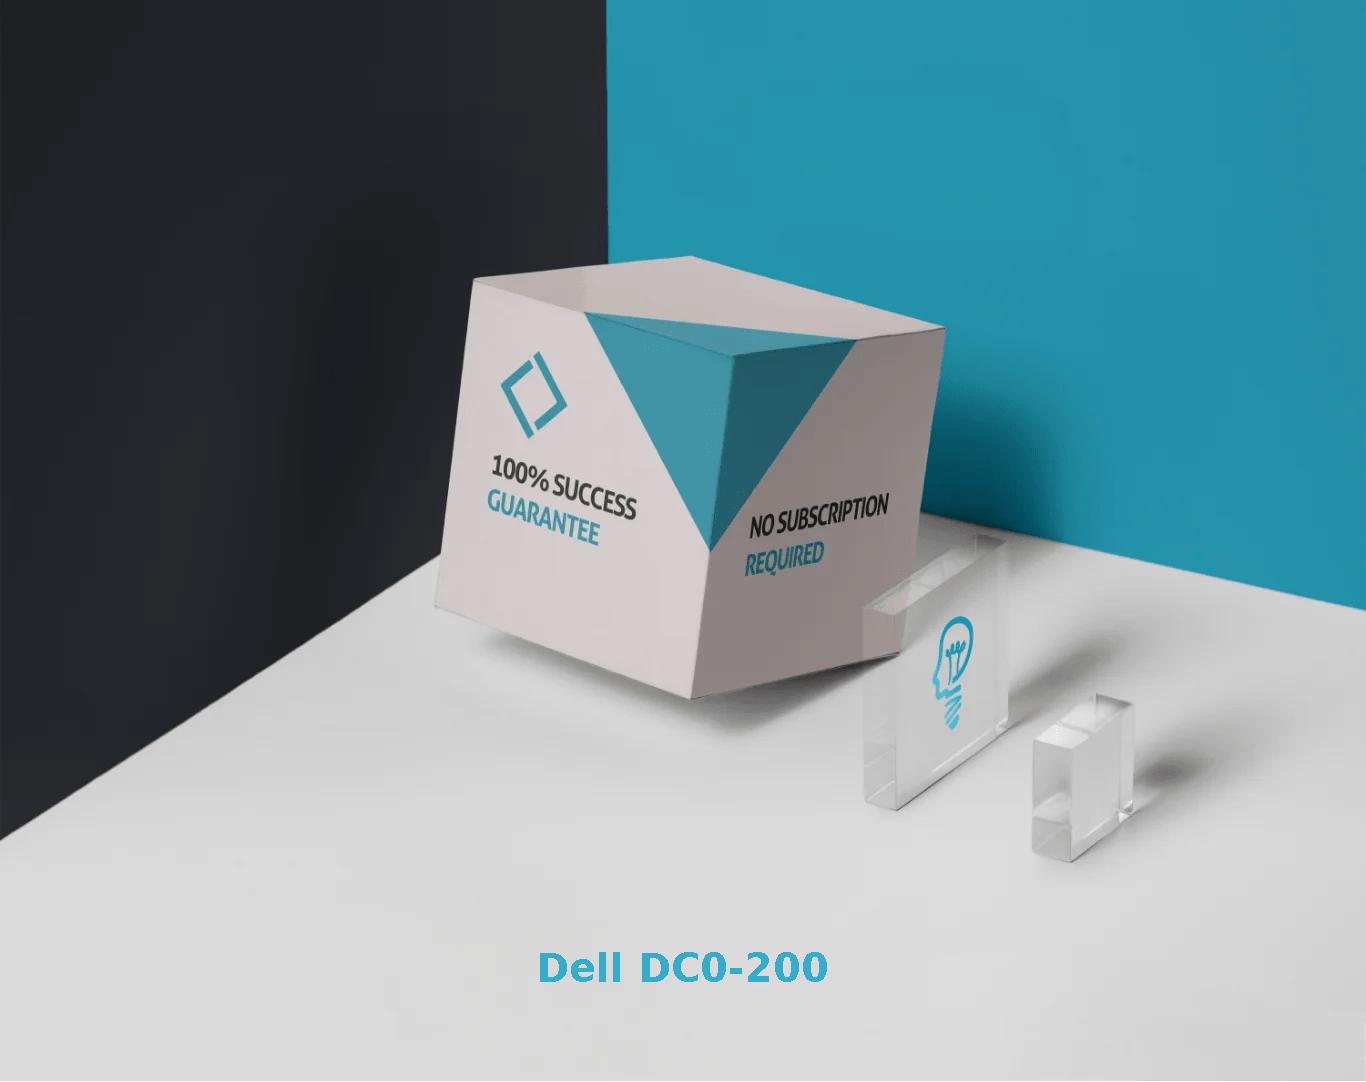 DC0-200 Dumps